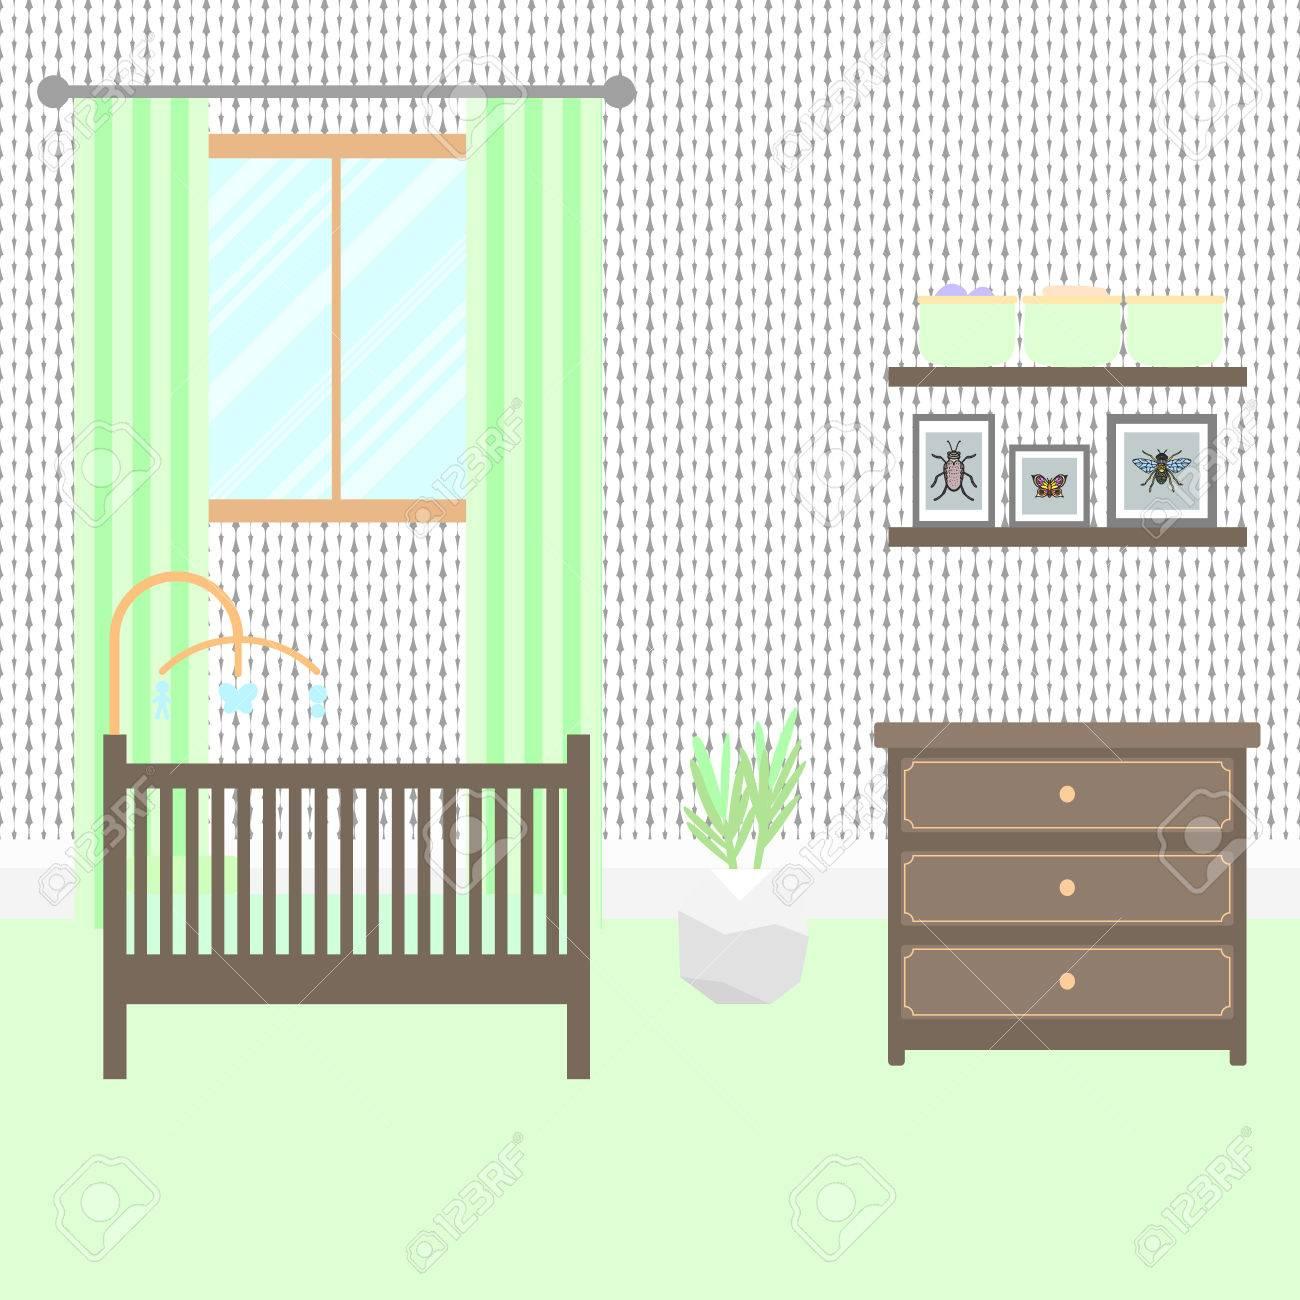 Full Size of Mit Braunen Mbeln Baby Grne Innenraum Boy Regal Sofa Bad Weiß Hochglanz Schlafzimmer Regale Wohnzimmer Kinderzimmer Kommode Kinderzimmer